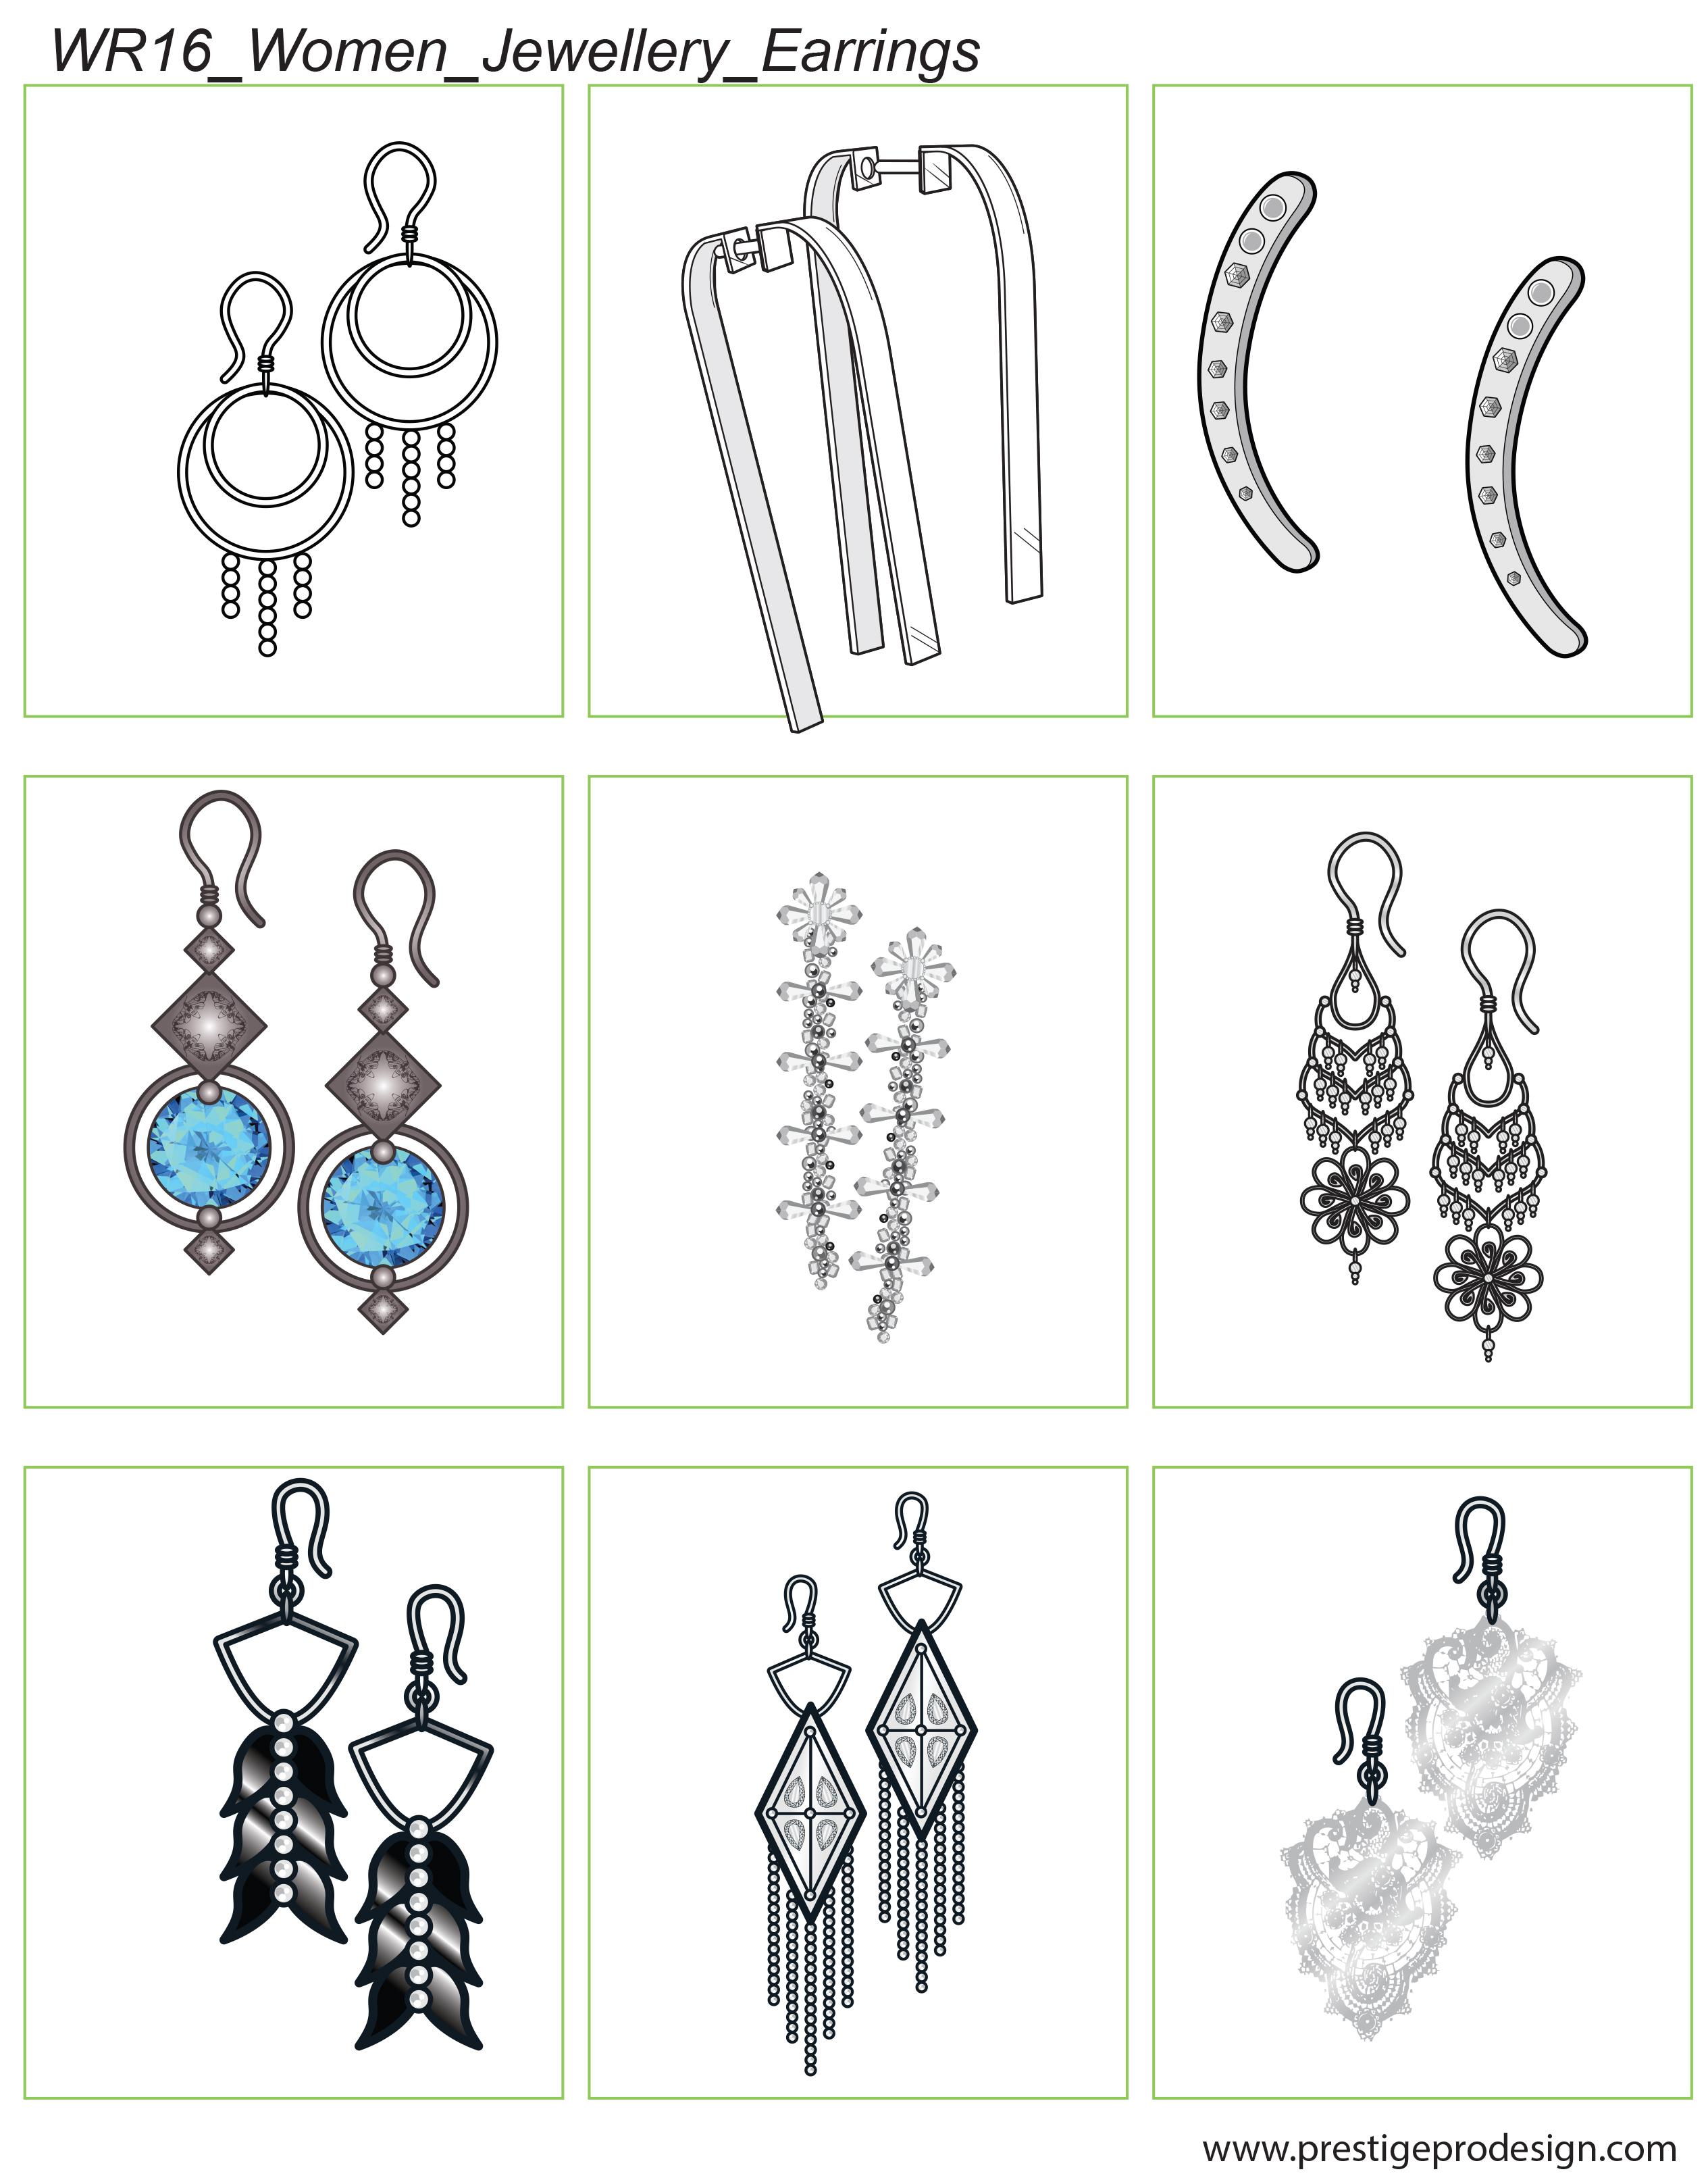 WR16_Women_Jewellery_Earrings